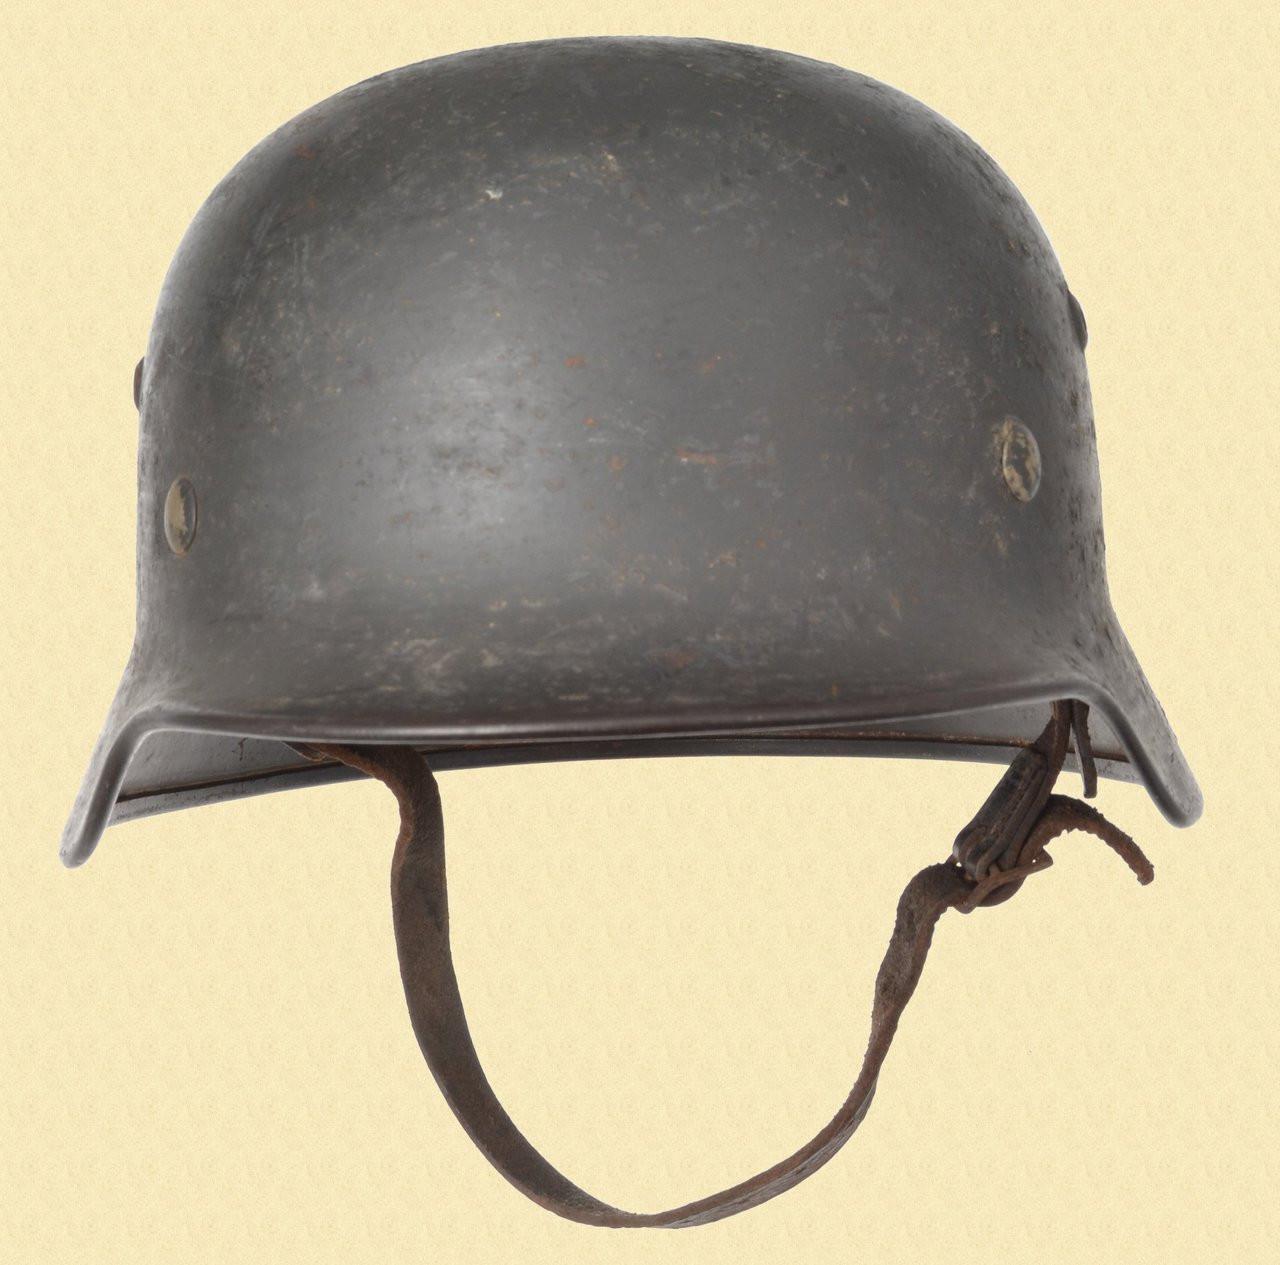 GERMANY HEER 1935 PATTERN W/LINER - C39759